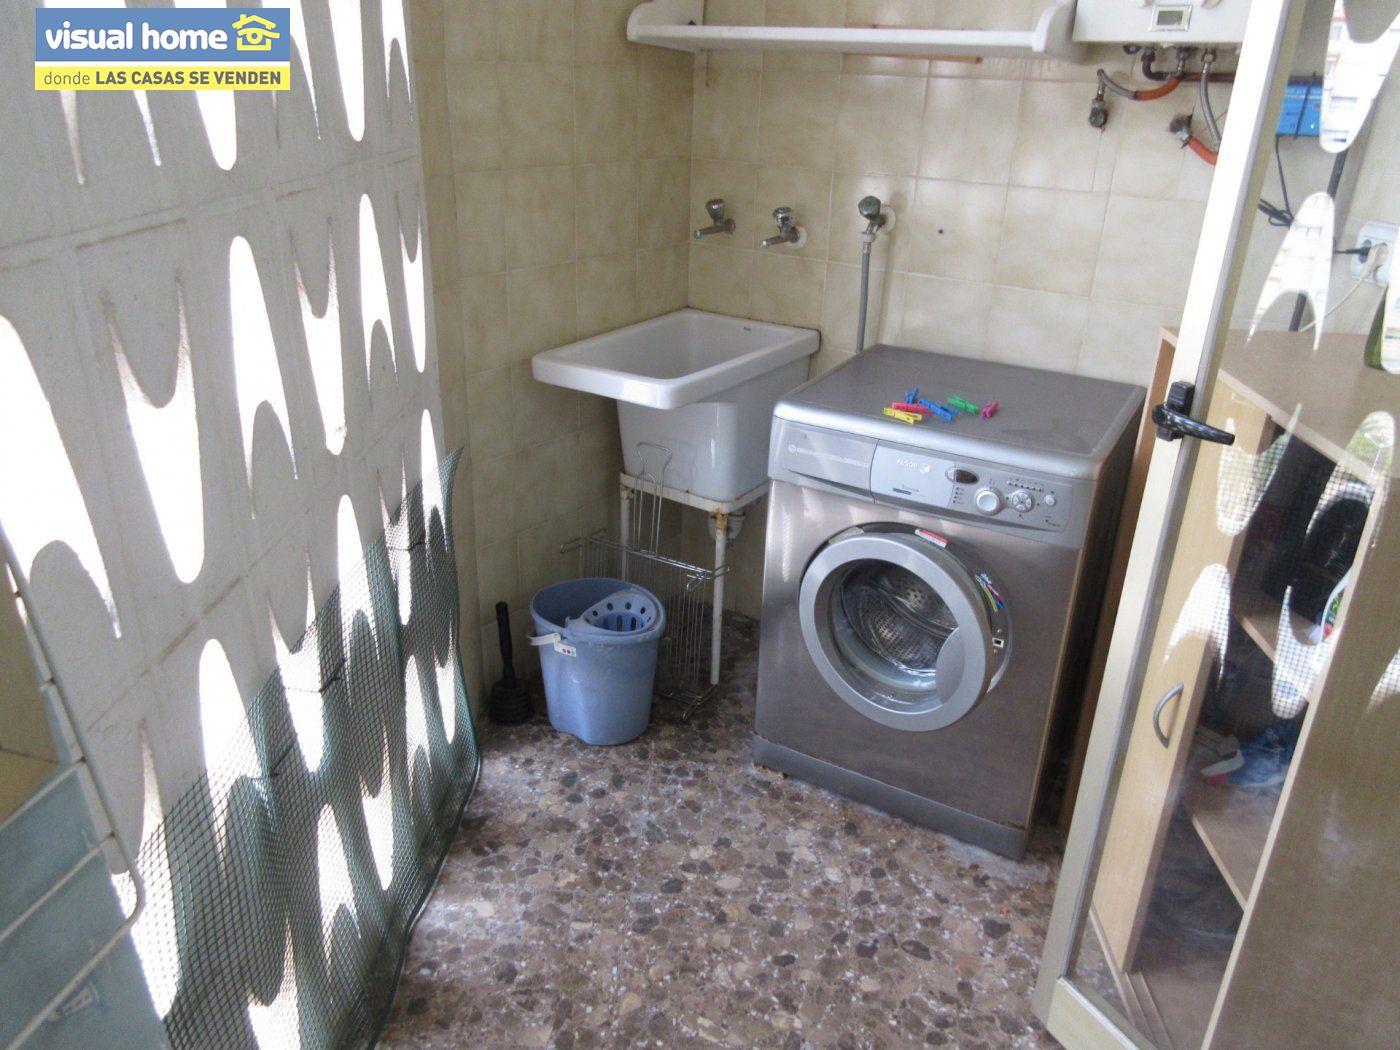 Piso con VISTAS AL MAR, con 3 dormitorios, 2 baños, GARAJE y TRASTERO 9